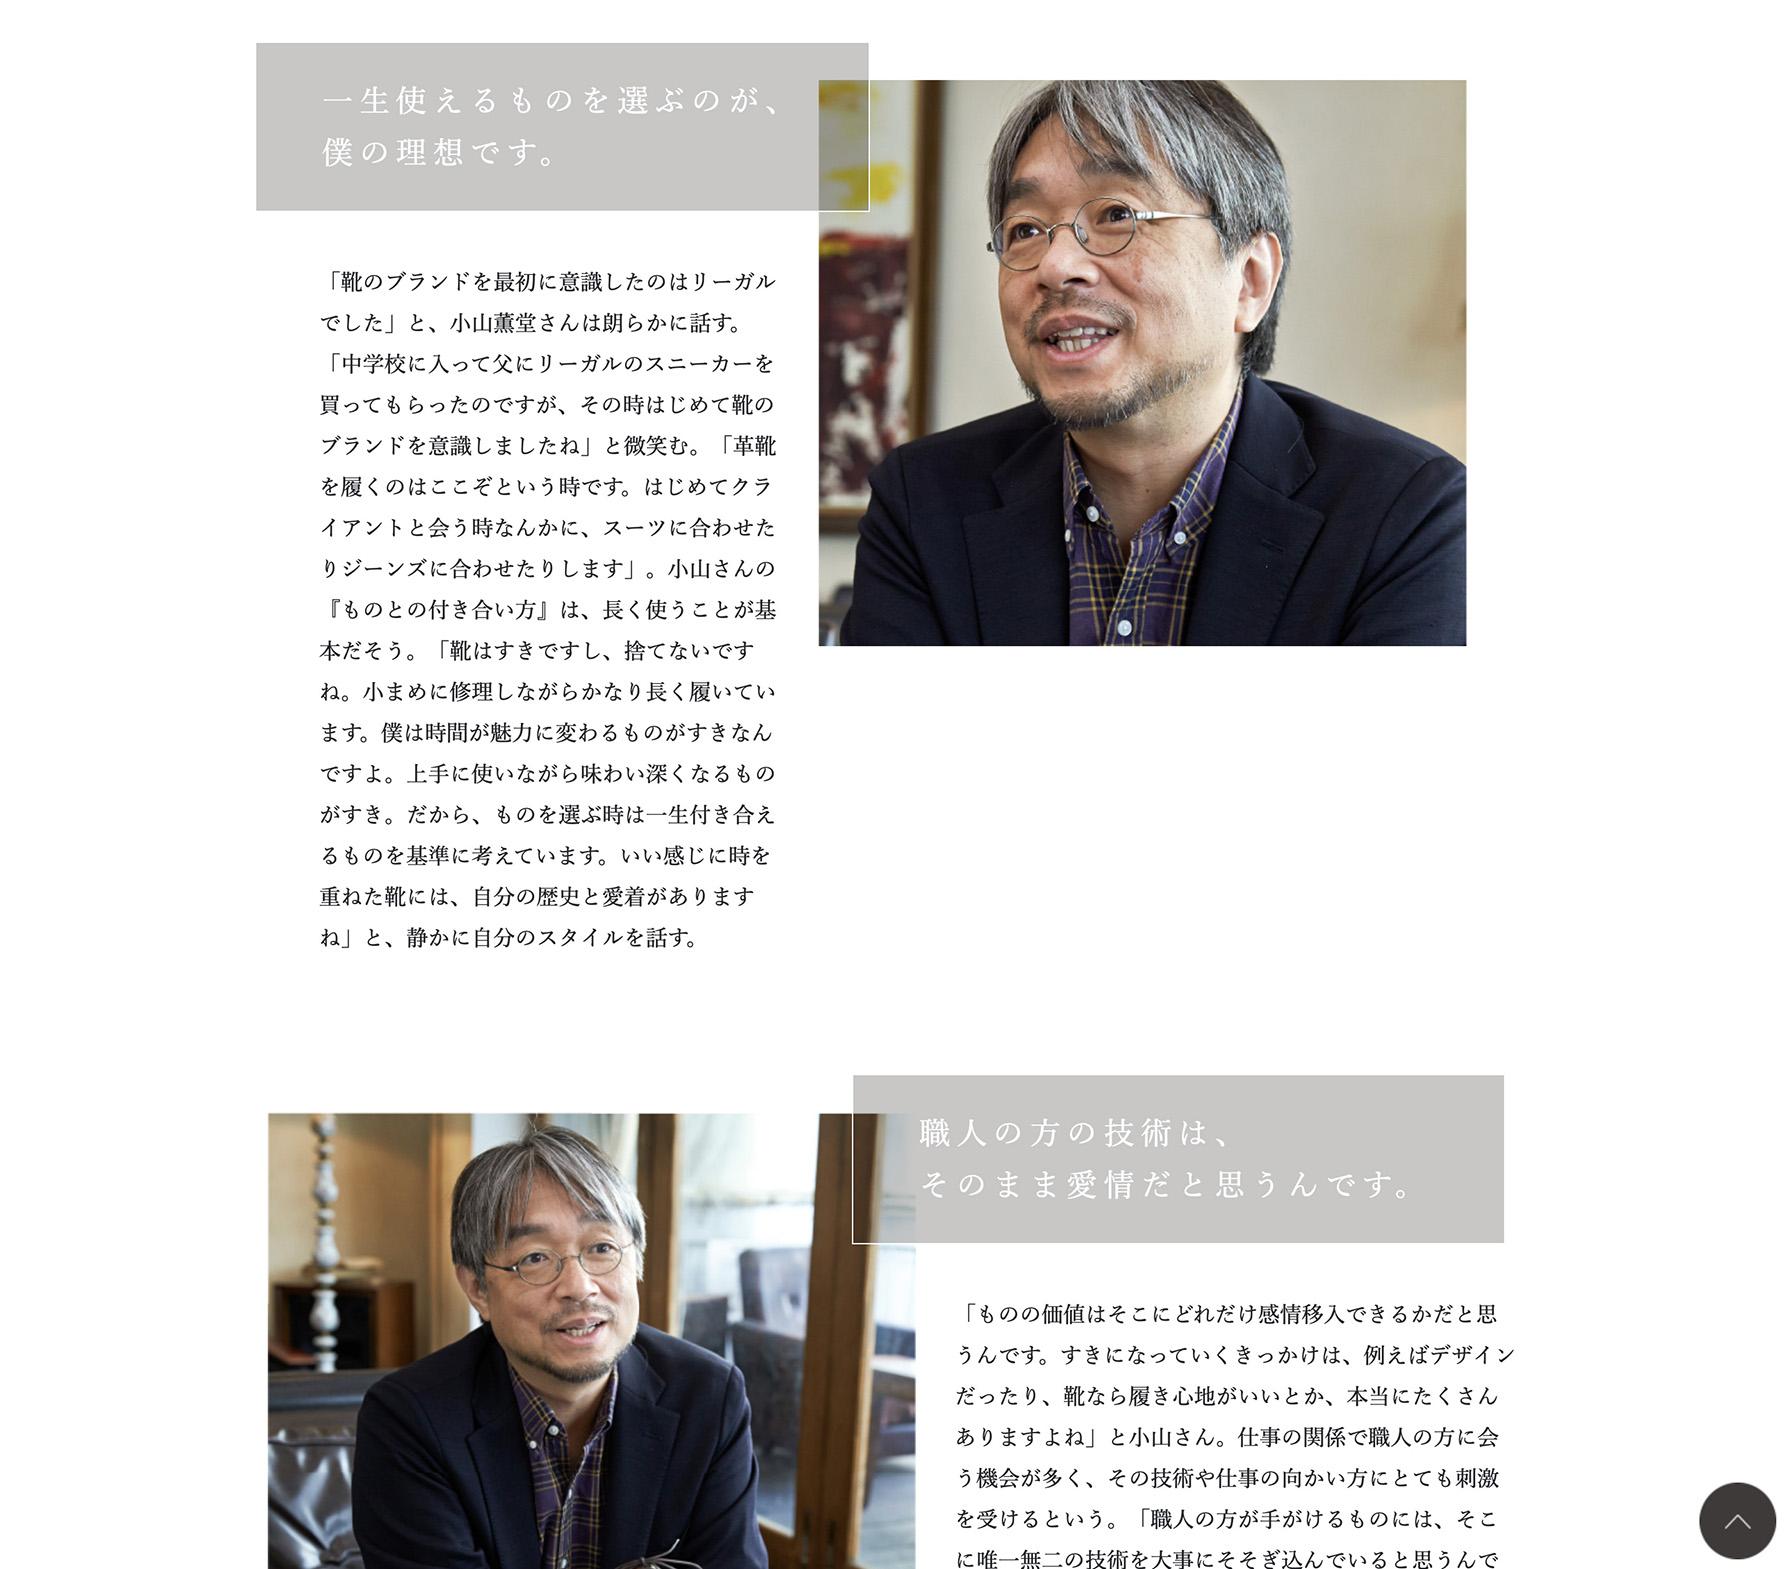 日経新聞 小山薫堂×REGAL 新聞広告・web